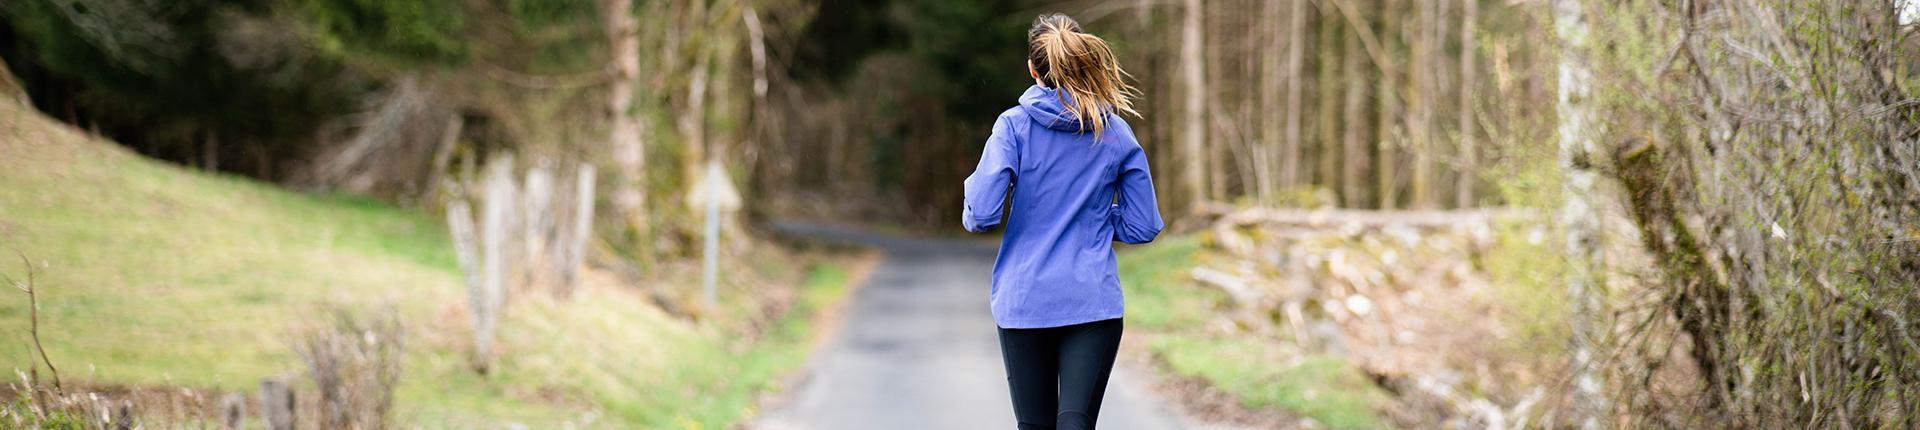 Sport et activité physique : une reprise au naturel